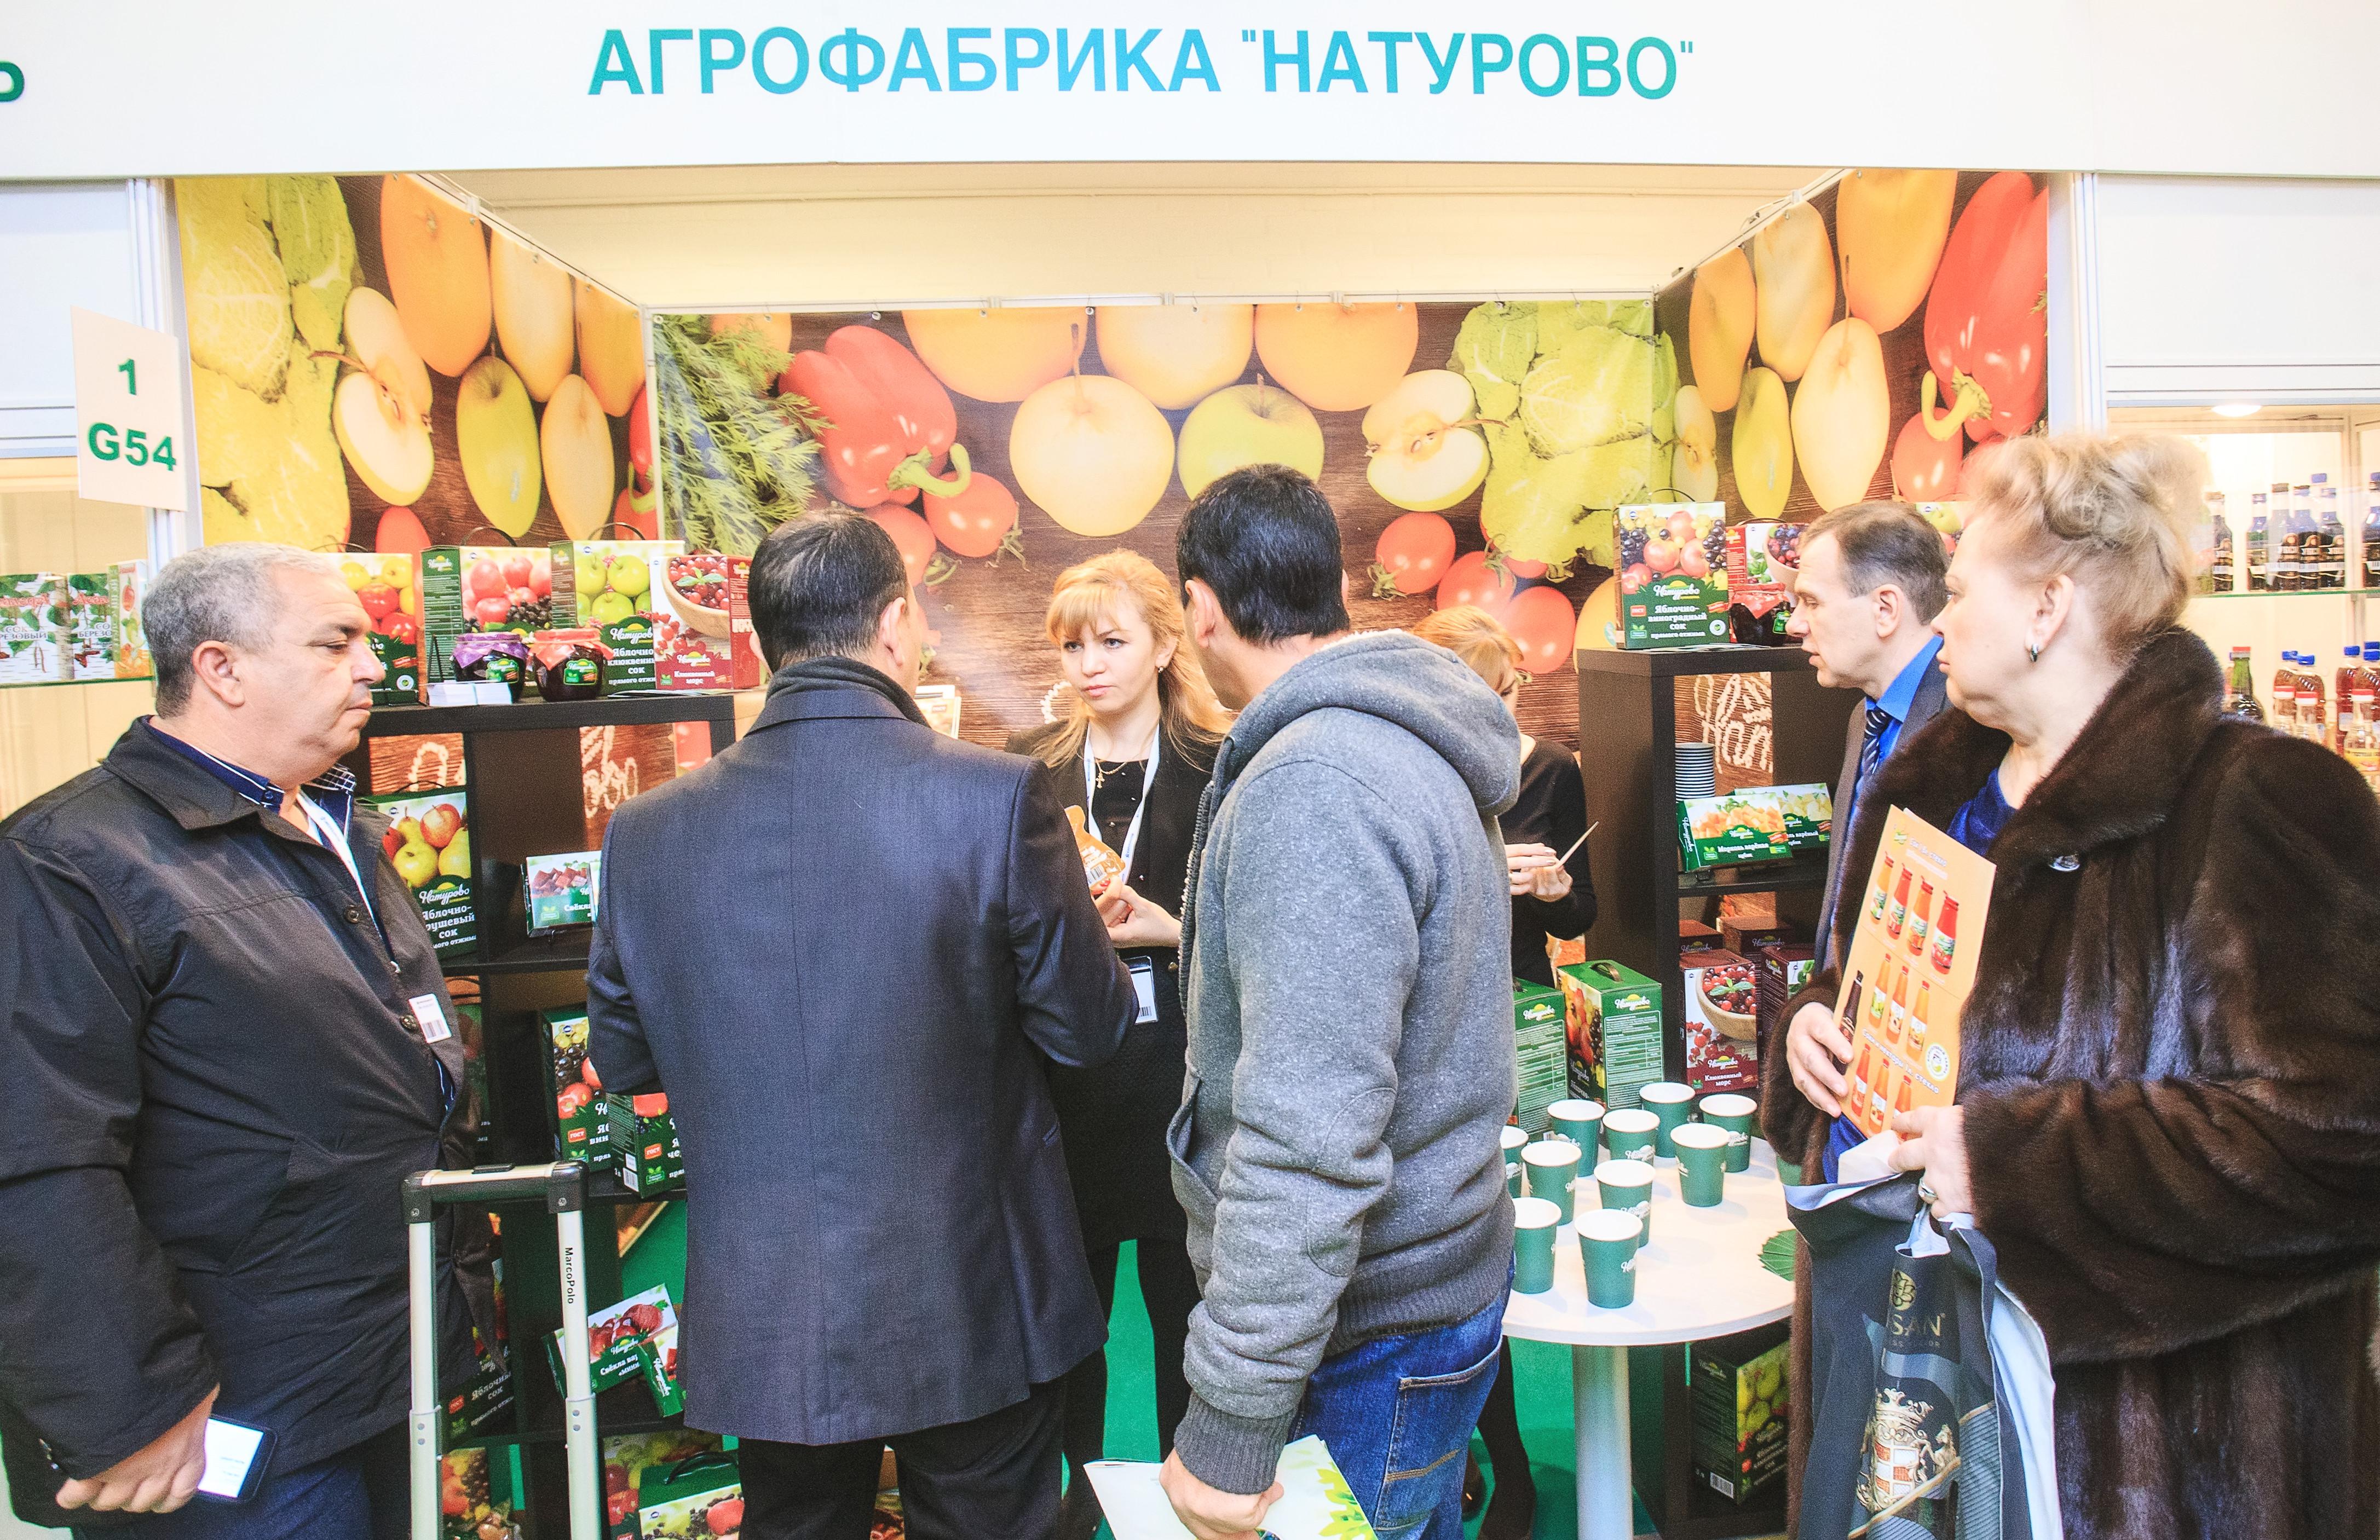 https://naturovo.ru/wp-content/uploads/2017/02/MAN_9330.jpg